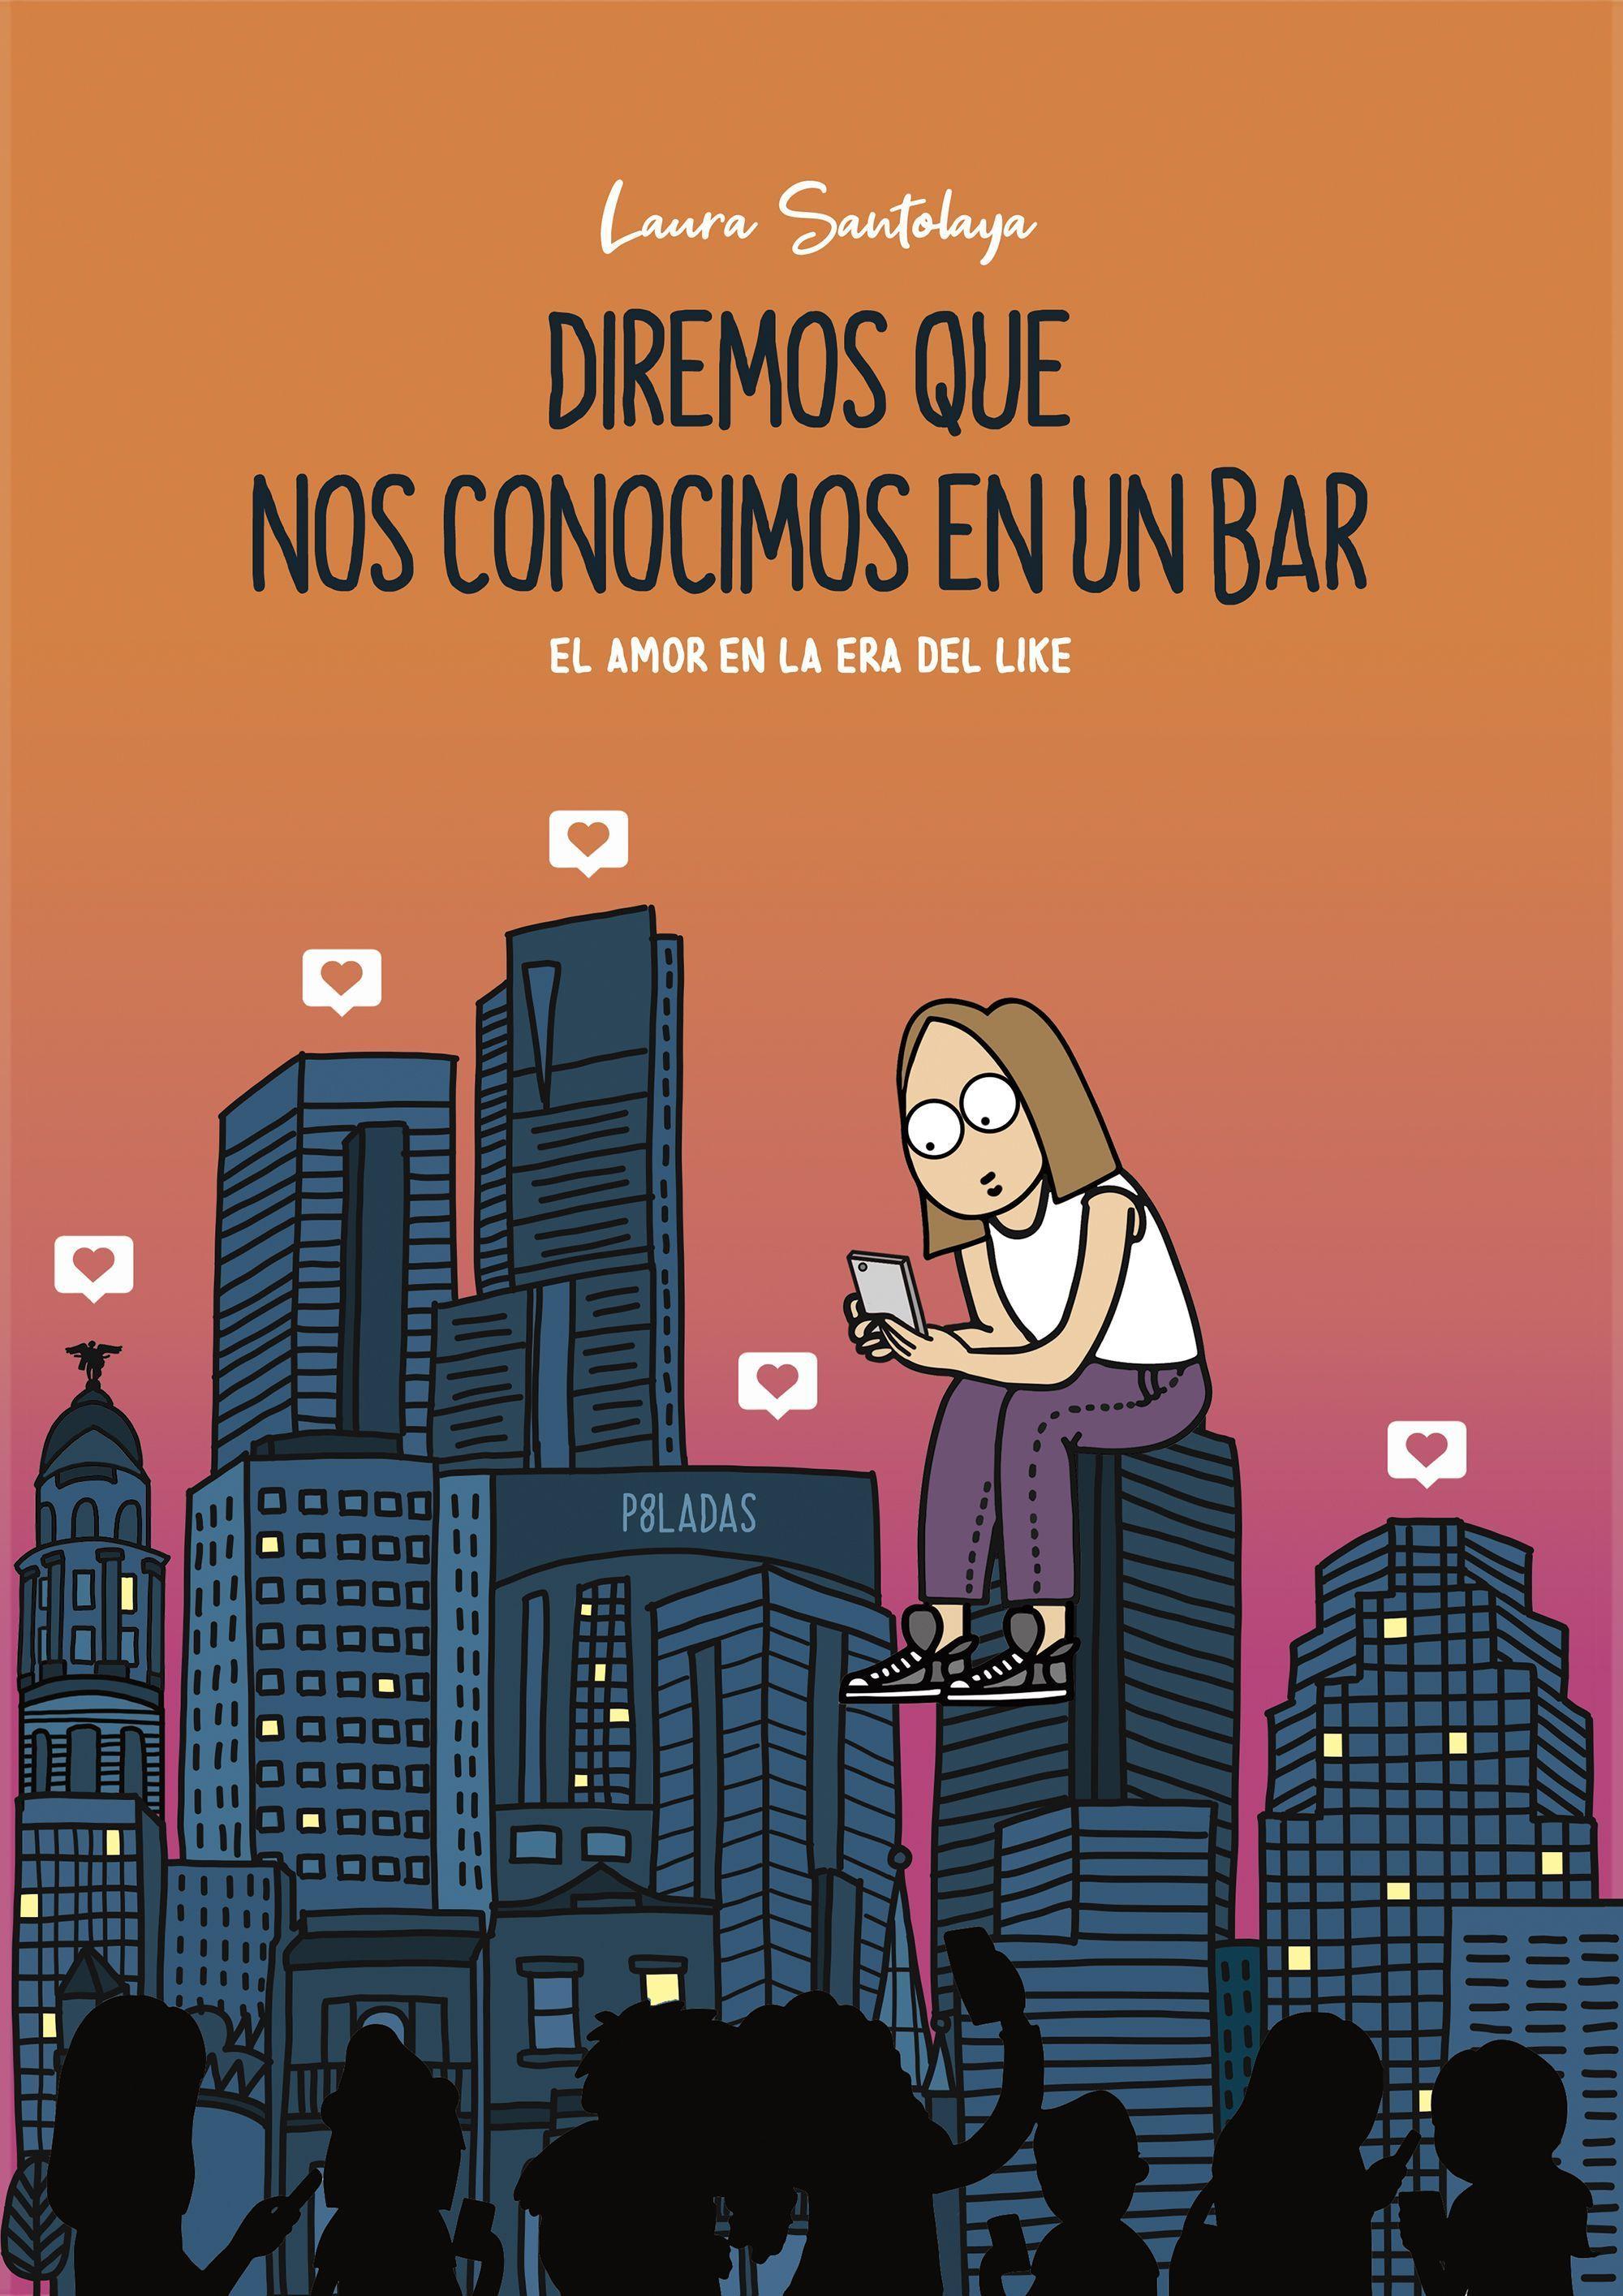 Diremos Que Nos Conocimos En Un Bar El Amor En La Era Del Like Laura Santolaya P8ladas Autores Online Gratis Fãs